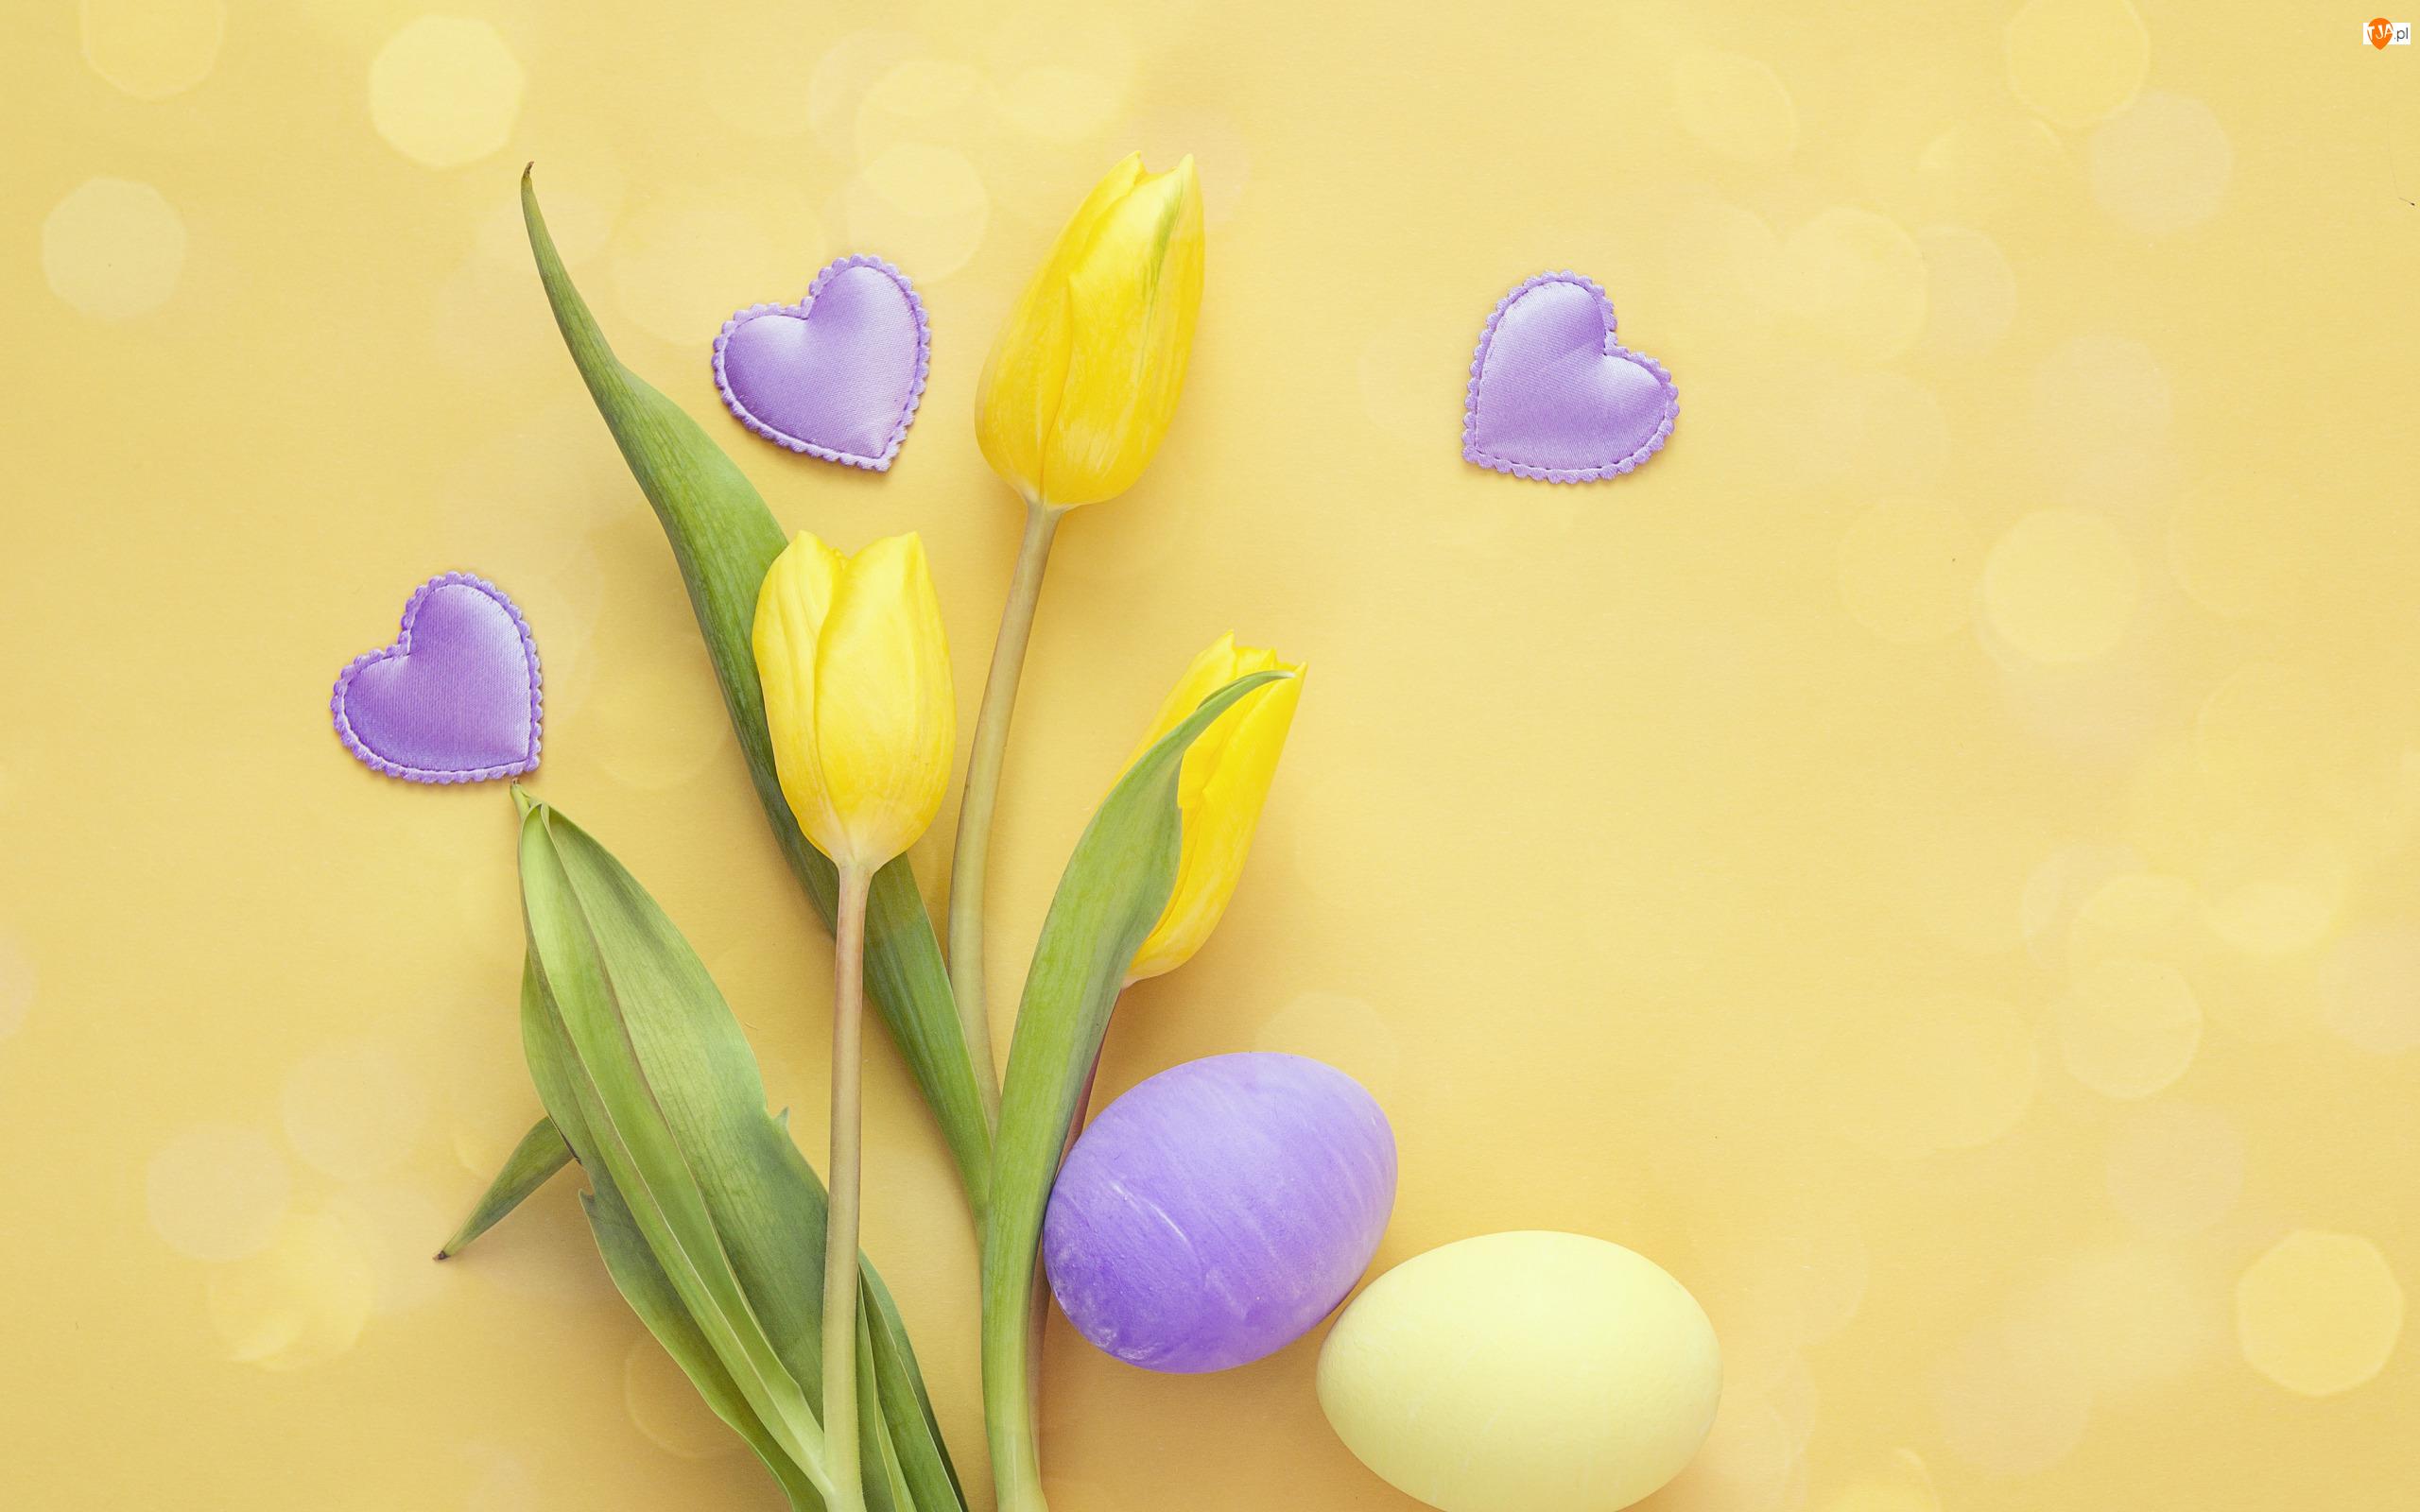 Pisanki, Wielkanoc, Żółte, Serca, Kwiaty, Tulipany